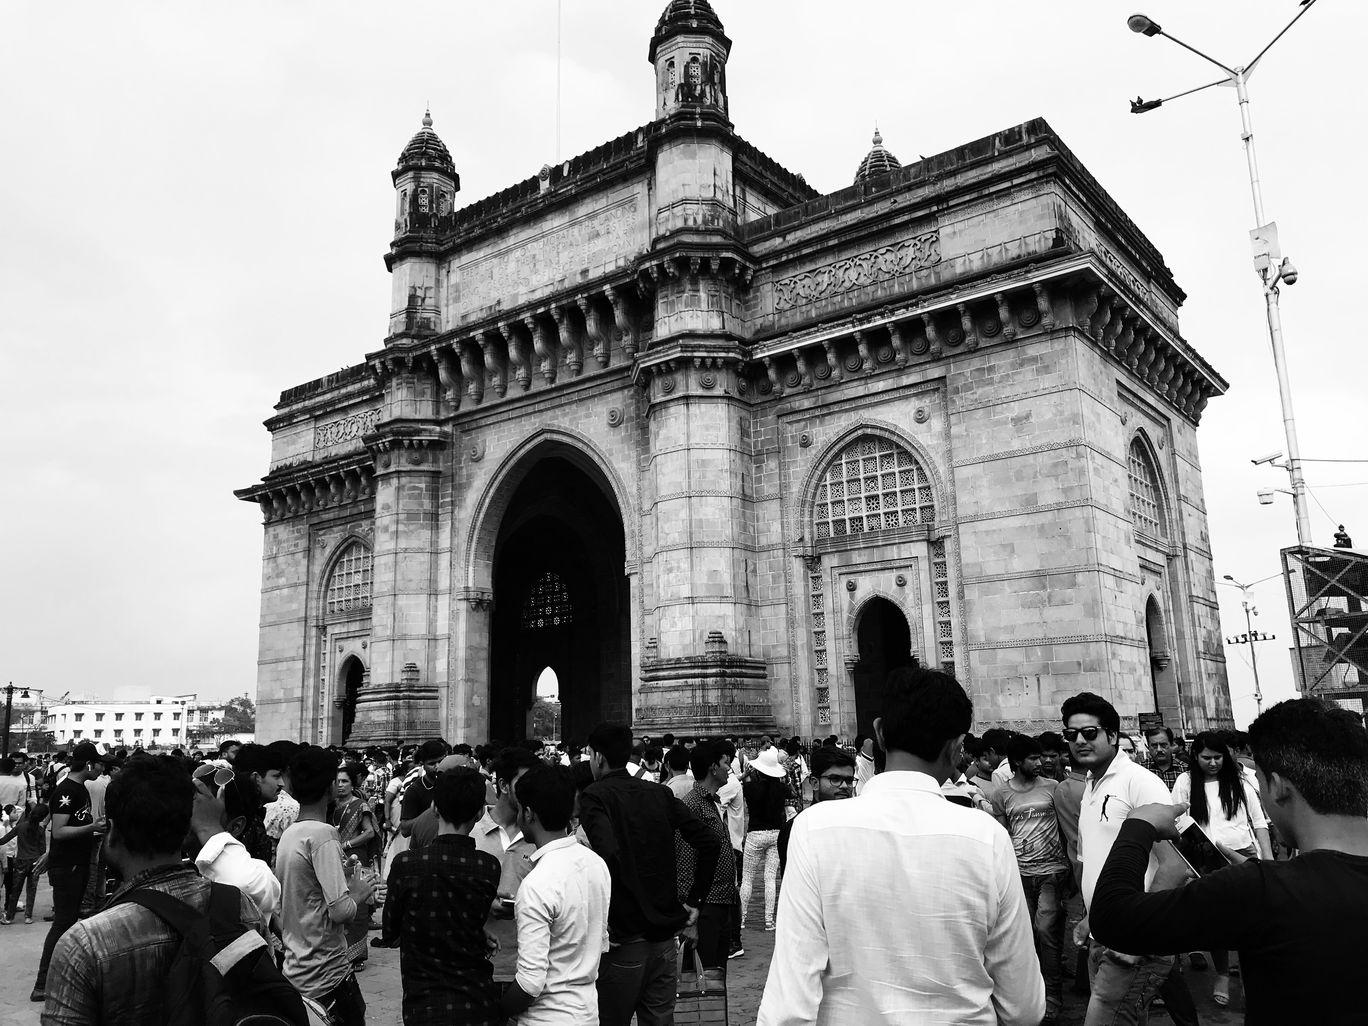 Photo of Mumbai By Arpit Gupta